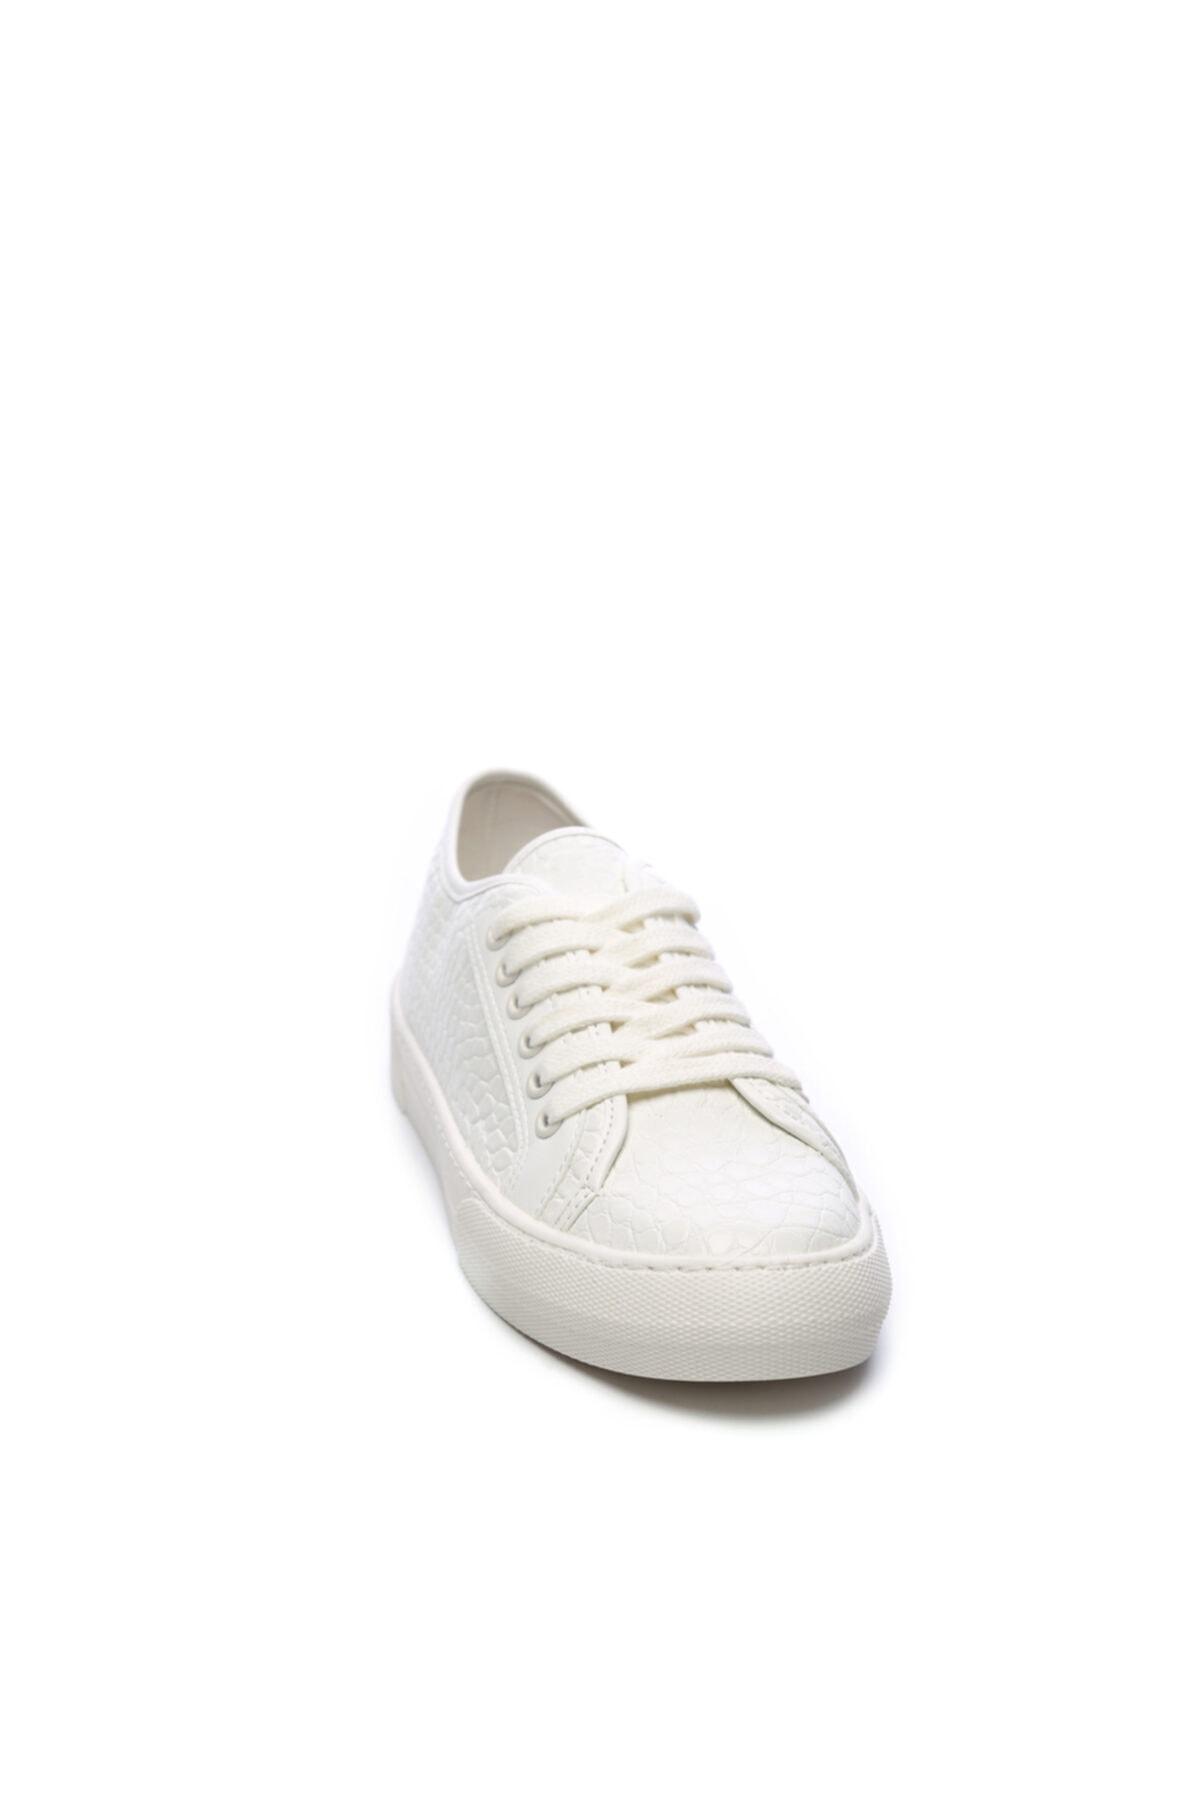 KEMAL TANCA Kadın Beyaz Vegan Sneakers ve Spor Ayakkabı 776 3214 Sk20-21 2